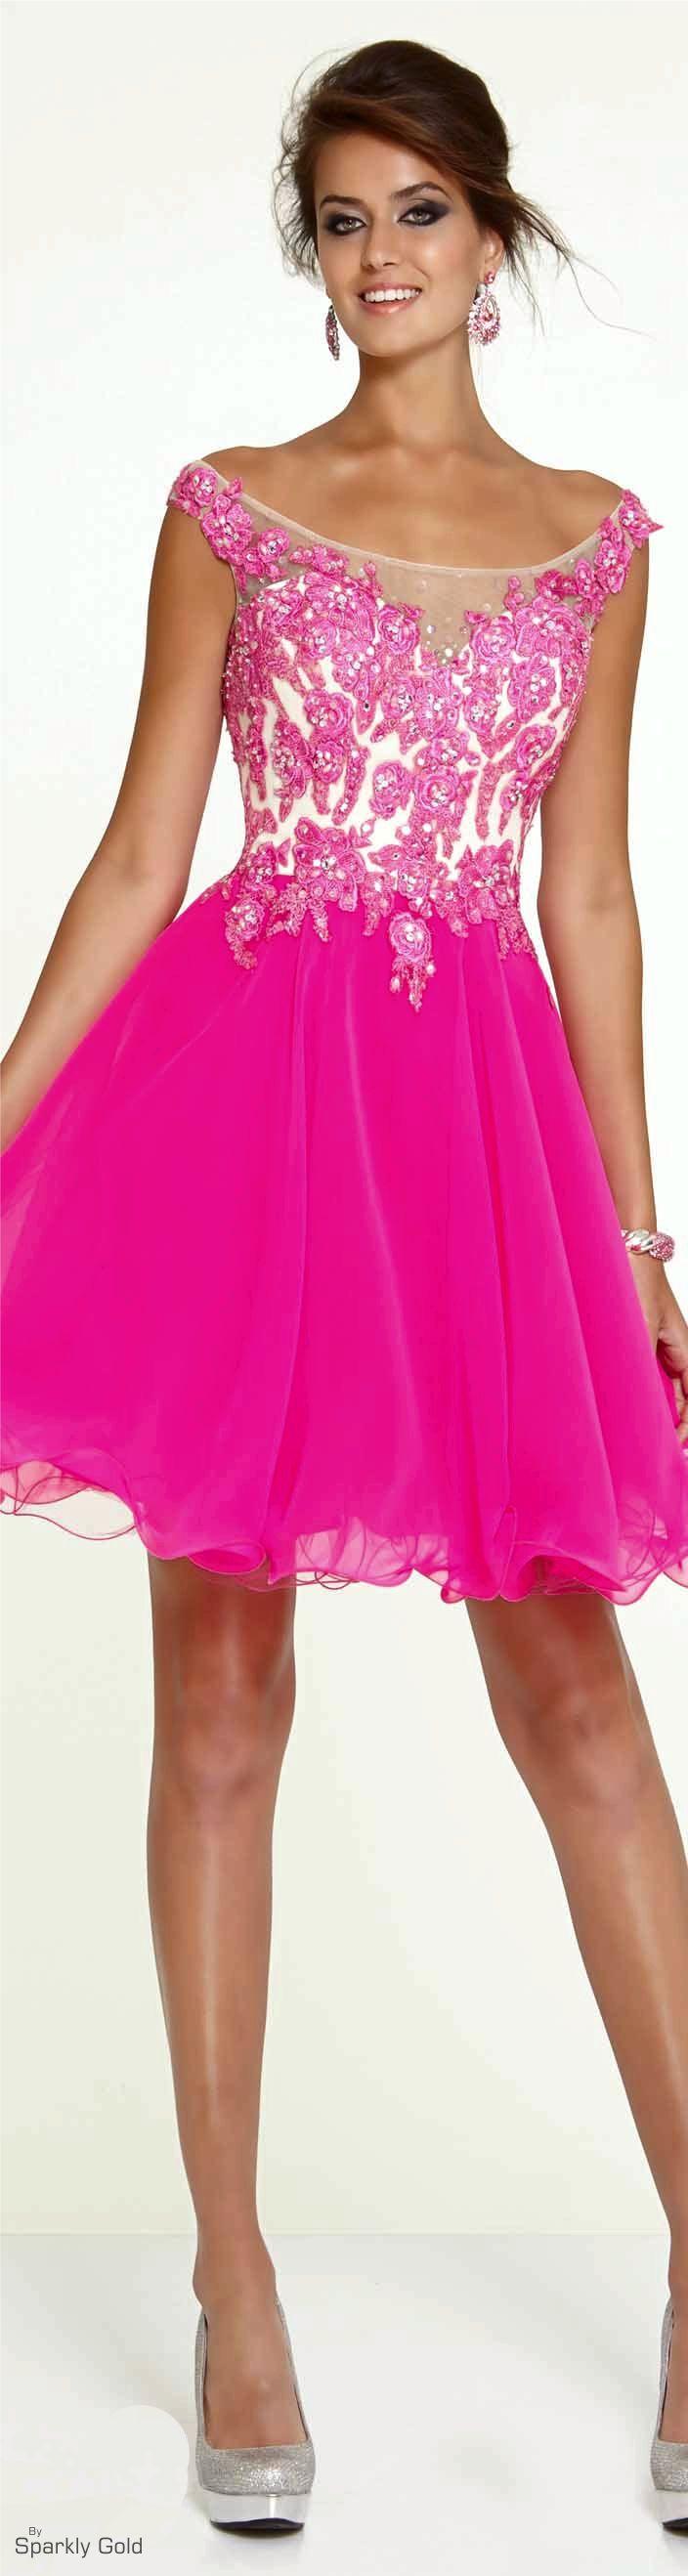 Mejores 102 imágenes de vestidos de moda en Pinterest | Ropa ...